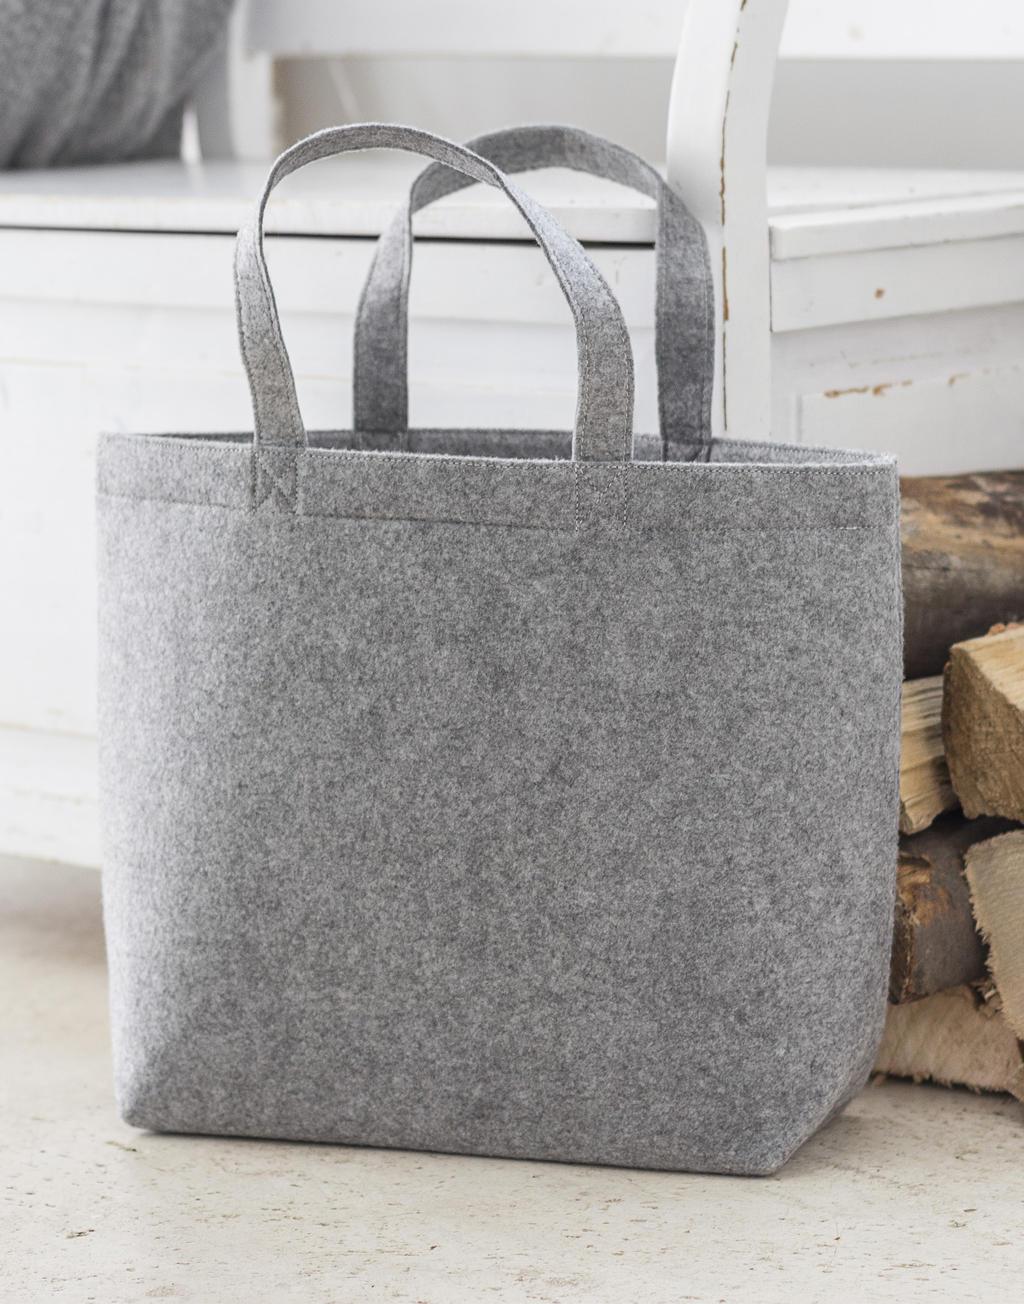 b9a2056b8bb06 Duża zakupowa torba z filcu